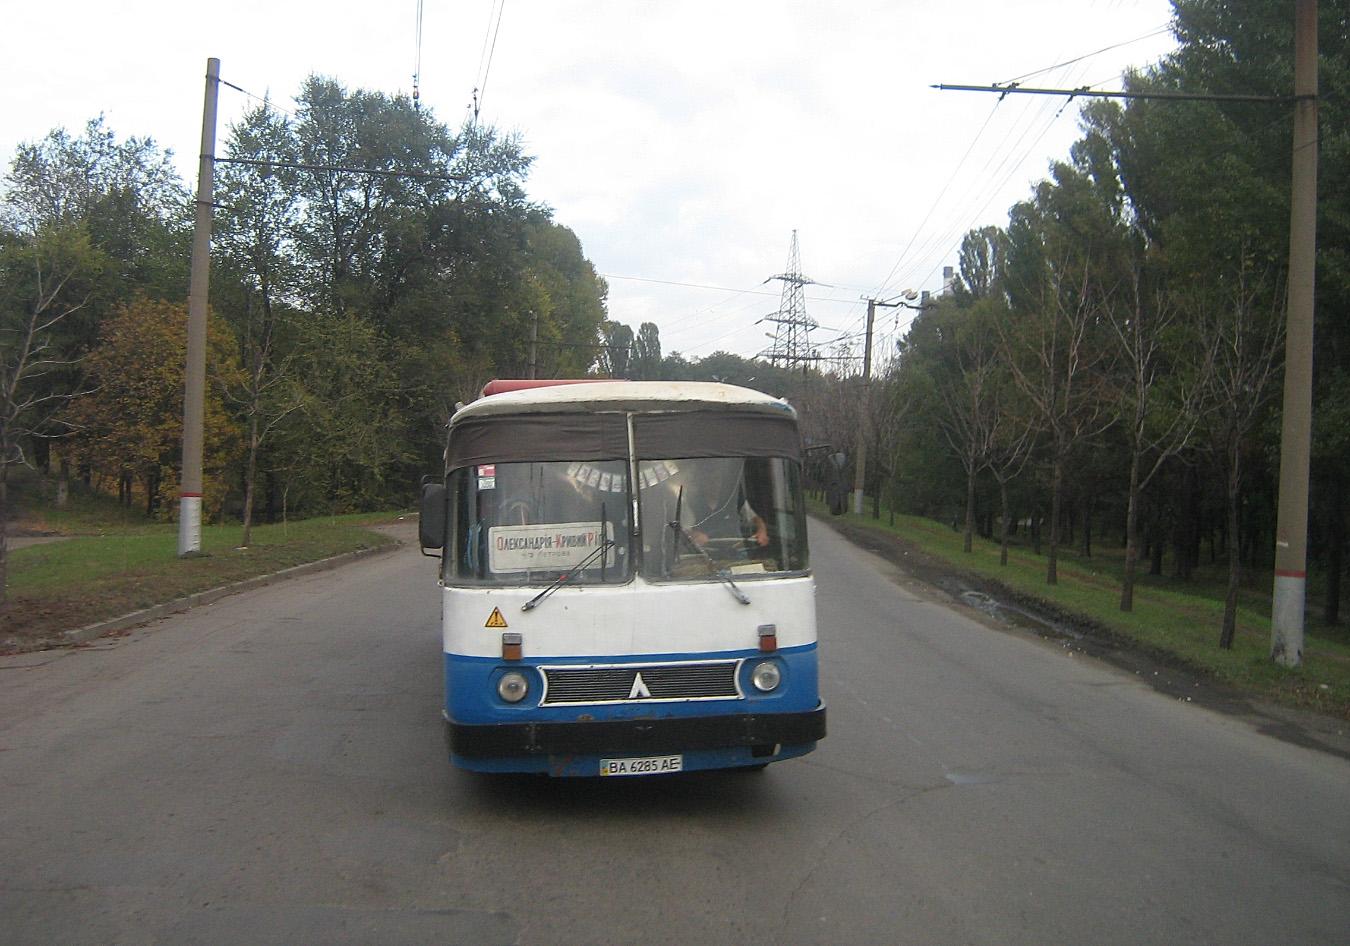 ЛАЗ-699Р №ВА 6285 АЕ. Дніпропетровська область, Кривий Ріг